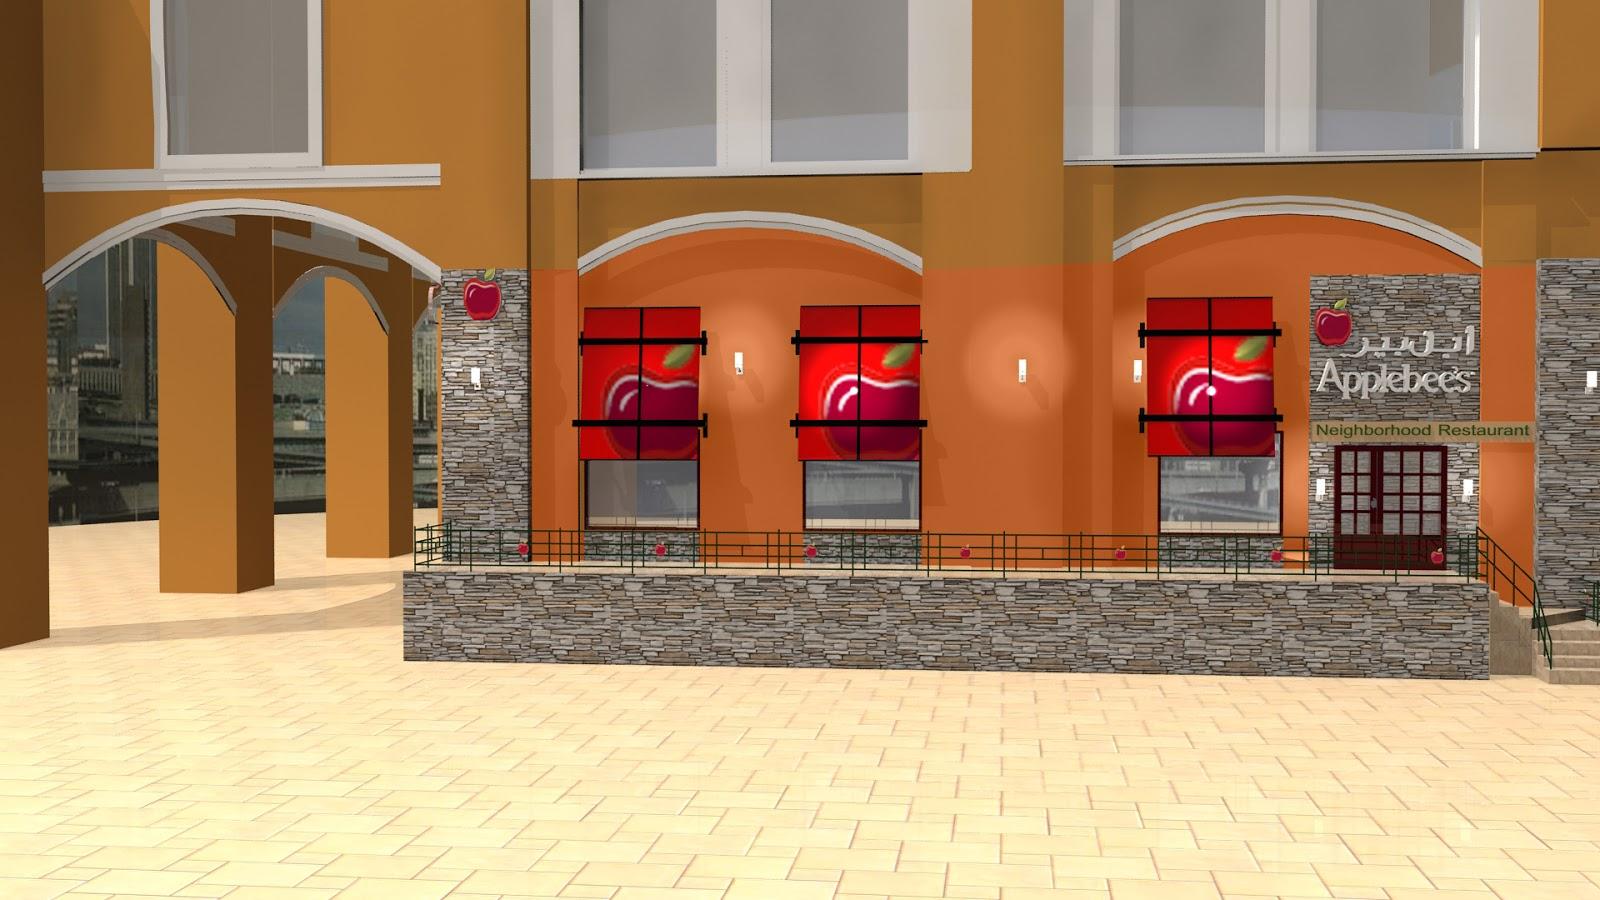 Exterior: Sajid Designs: Applebees 3d Exterior Design Qatar